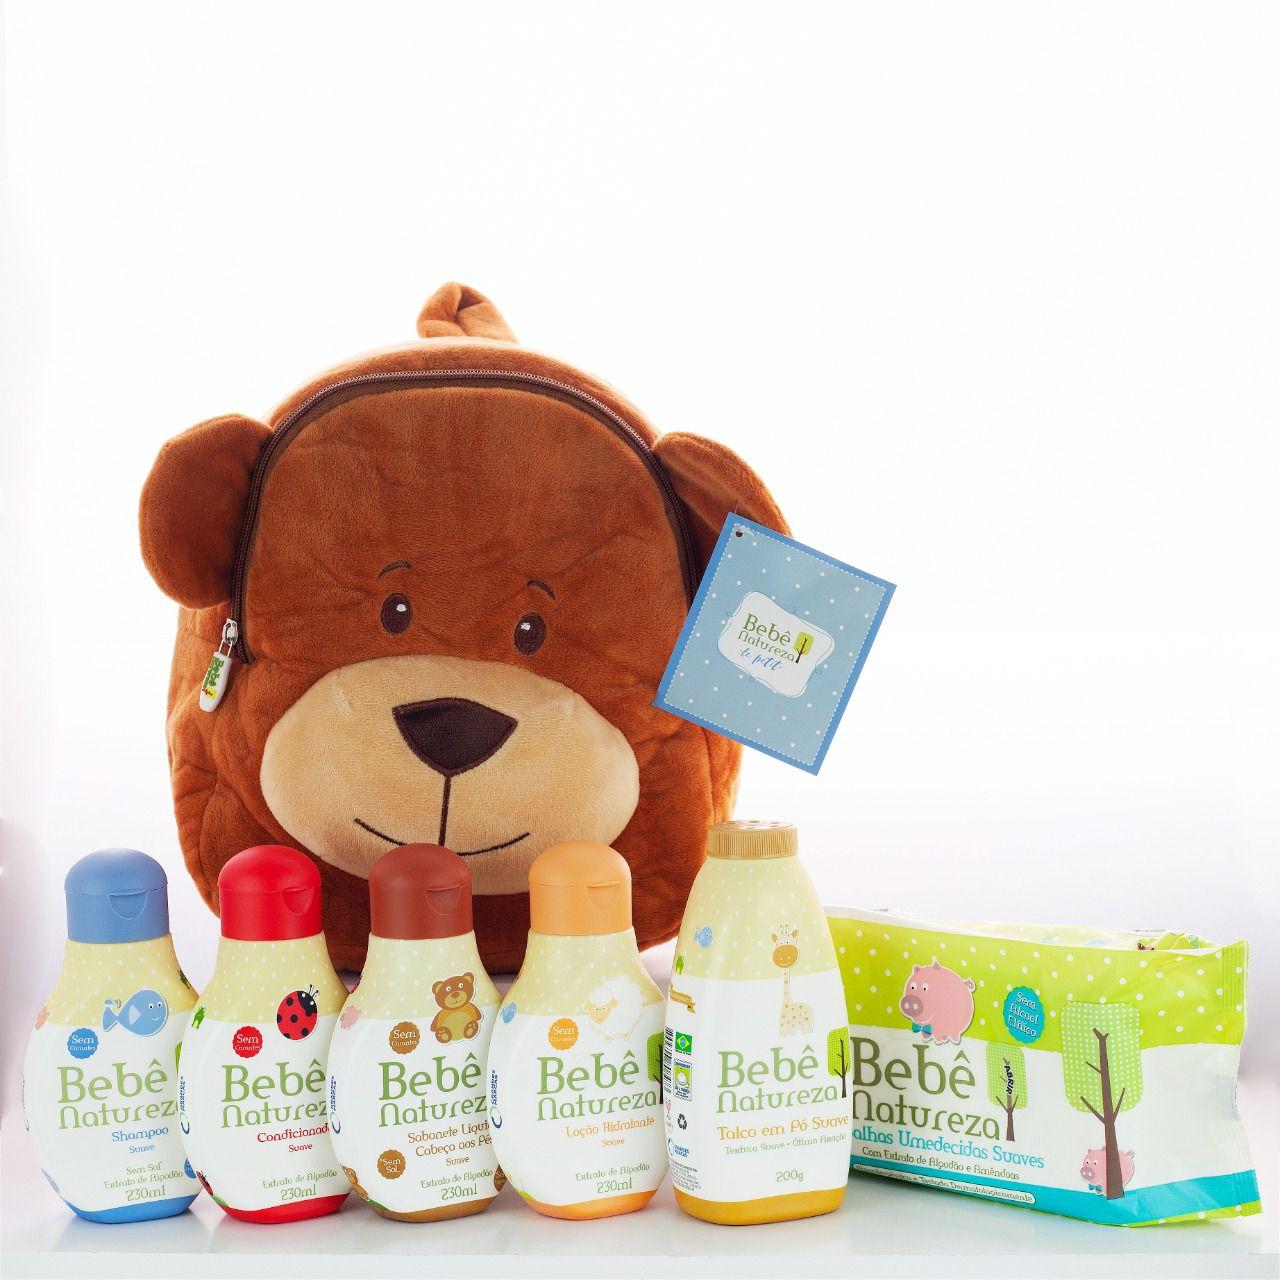 Presente Maternidade - Mochila Urso + Kit Bebê Natureza Suave Extrato de Algodão